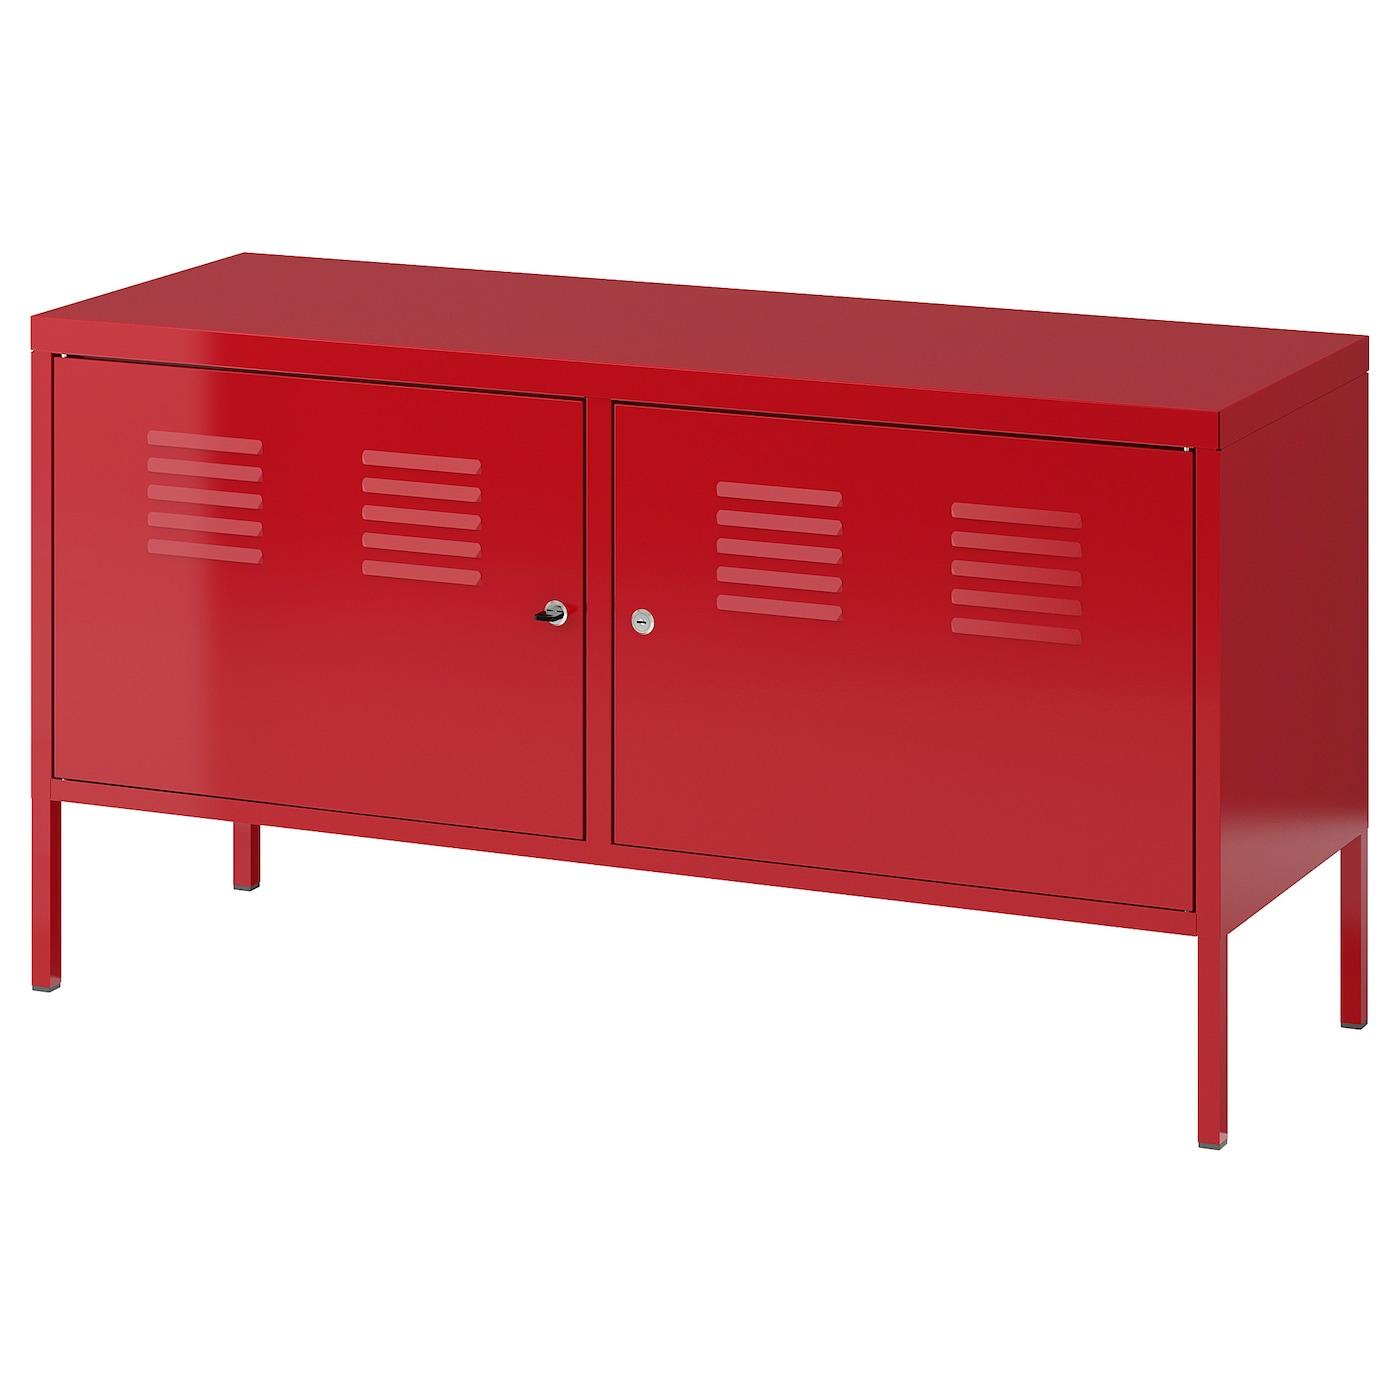 Meuble Tv Colonne Ikea ikea ps armoire métallique - rouge 119x63 cm